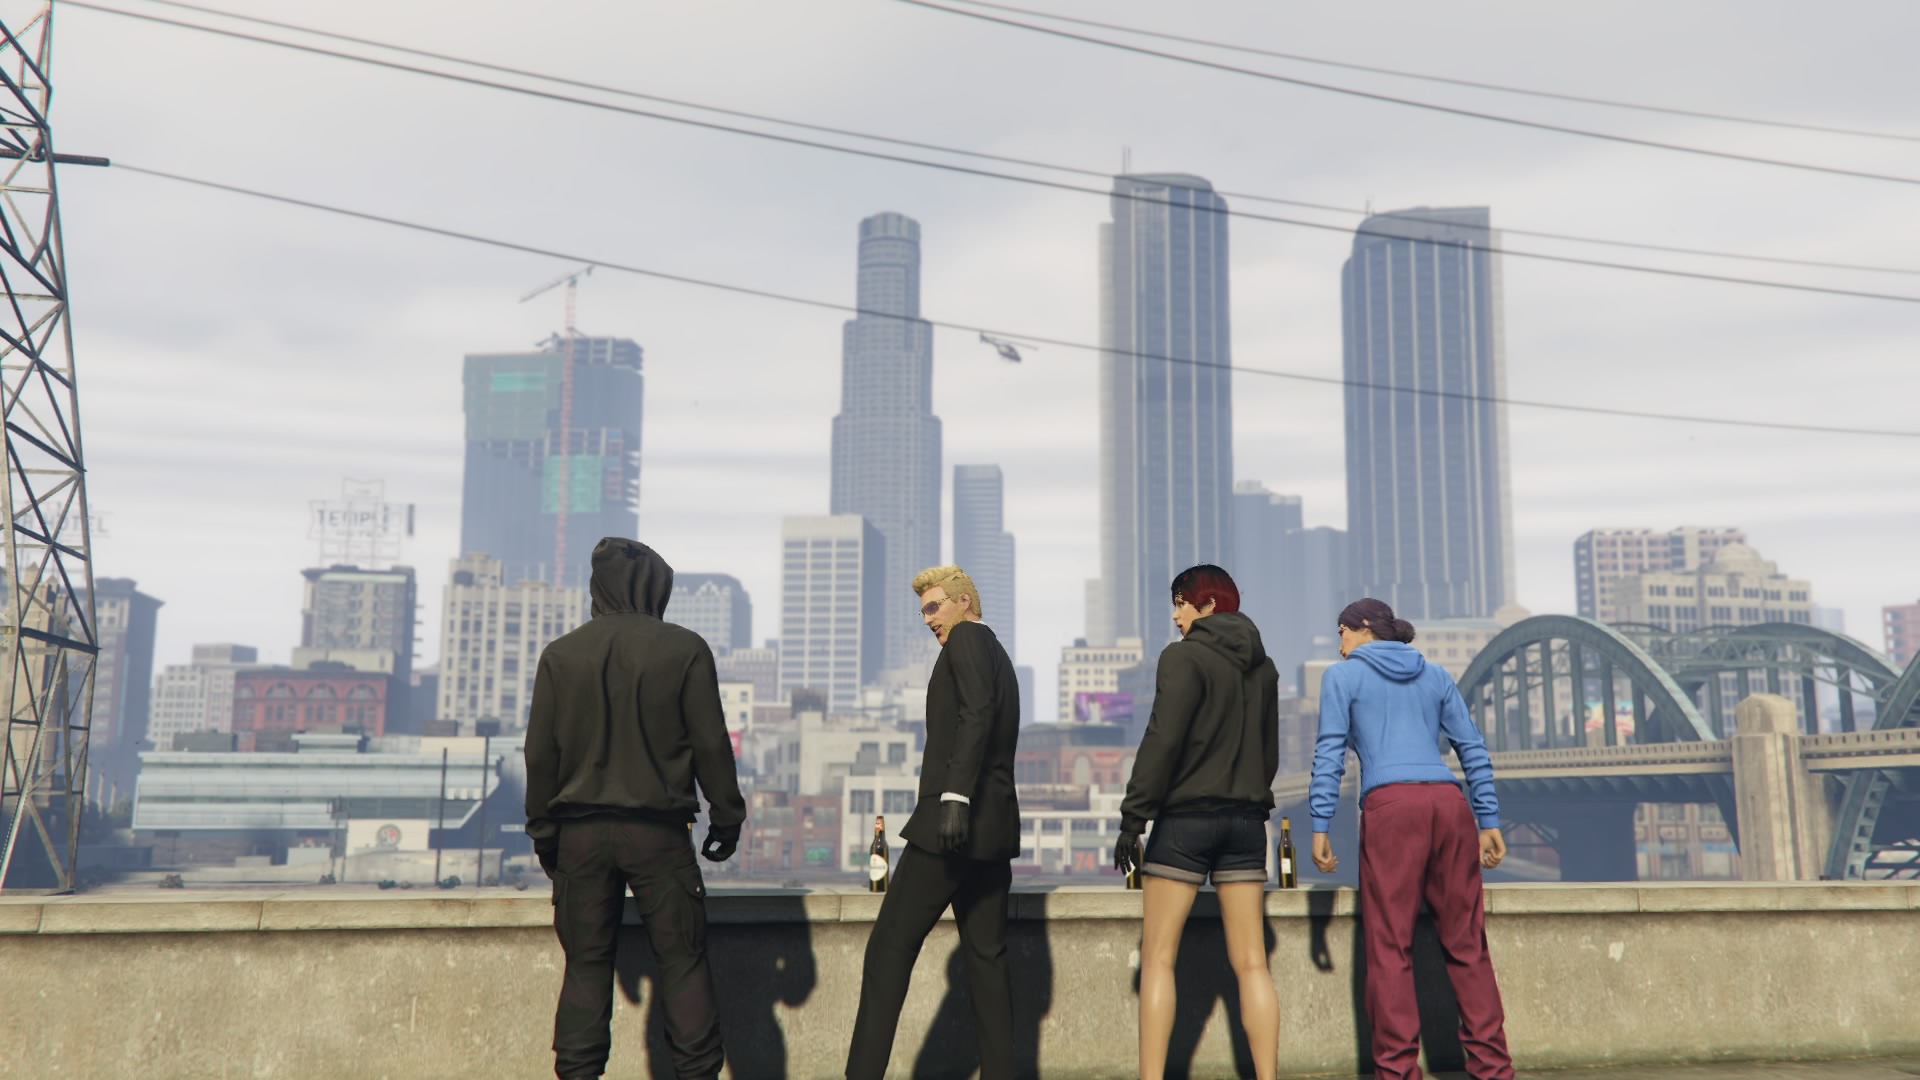 Rockstar received £ 37.6 million in UK tax cuts last year, thinktank says